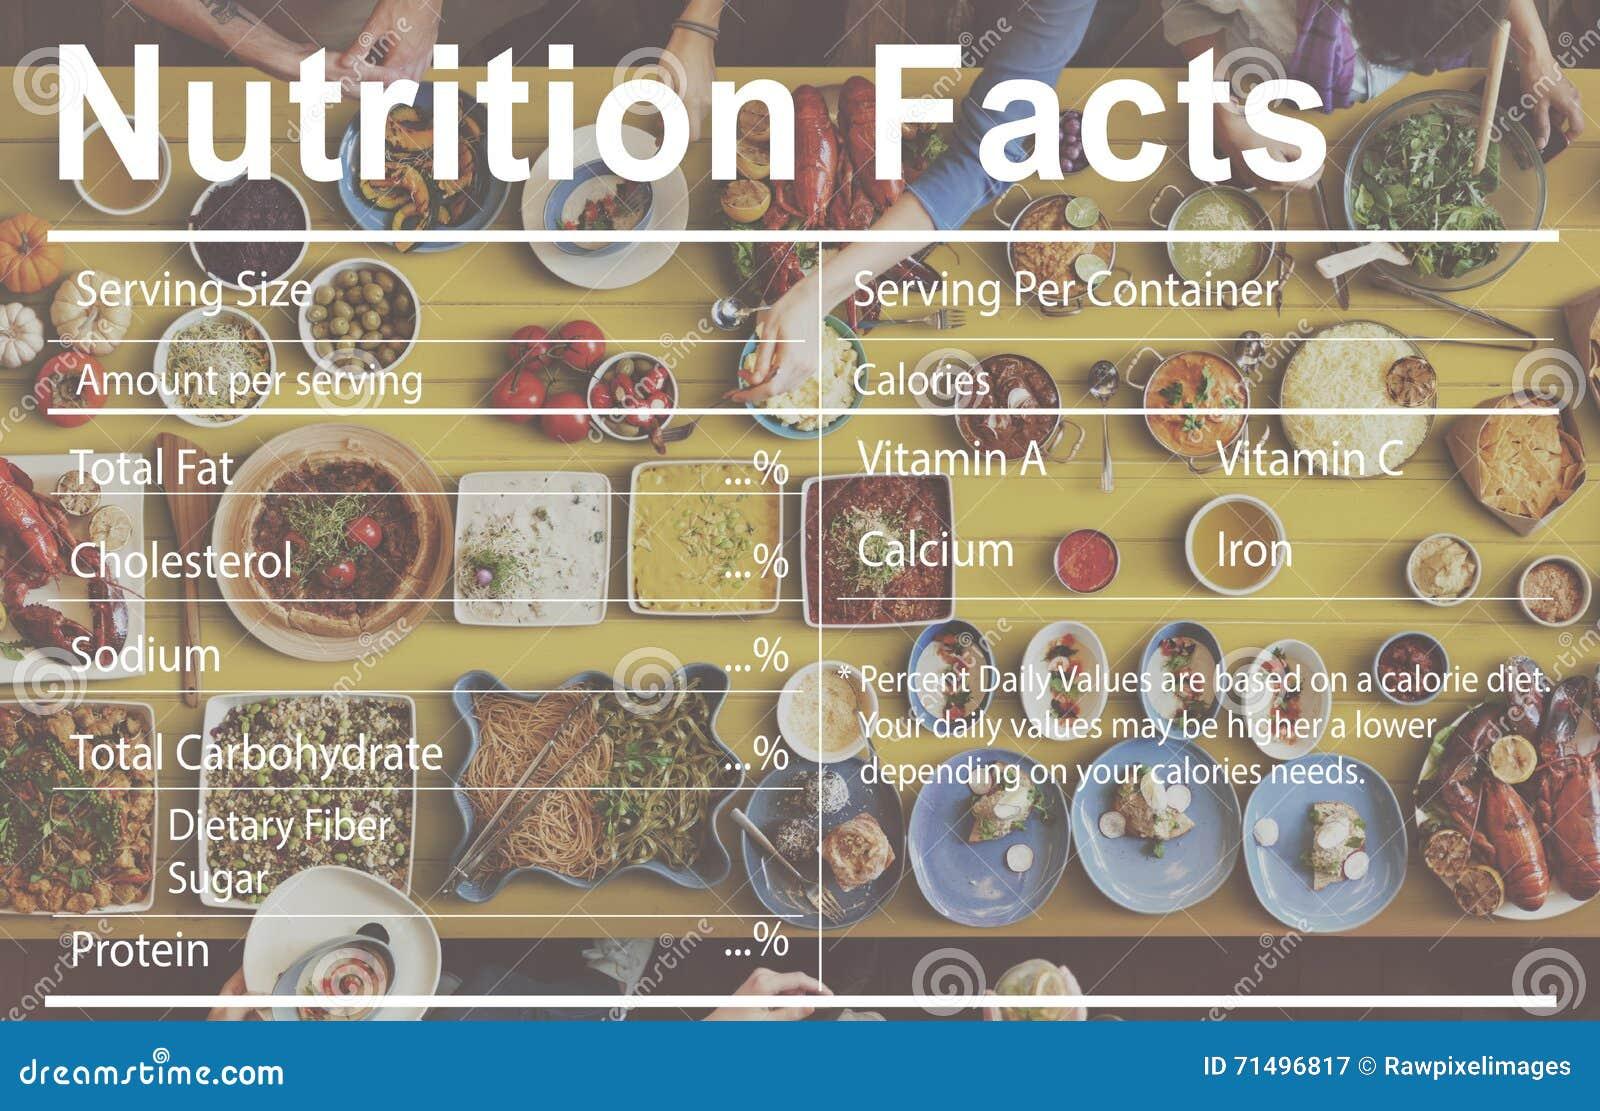 Nahrungs-Tatsachen-medizinische Diät-Ernährungskonzept